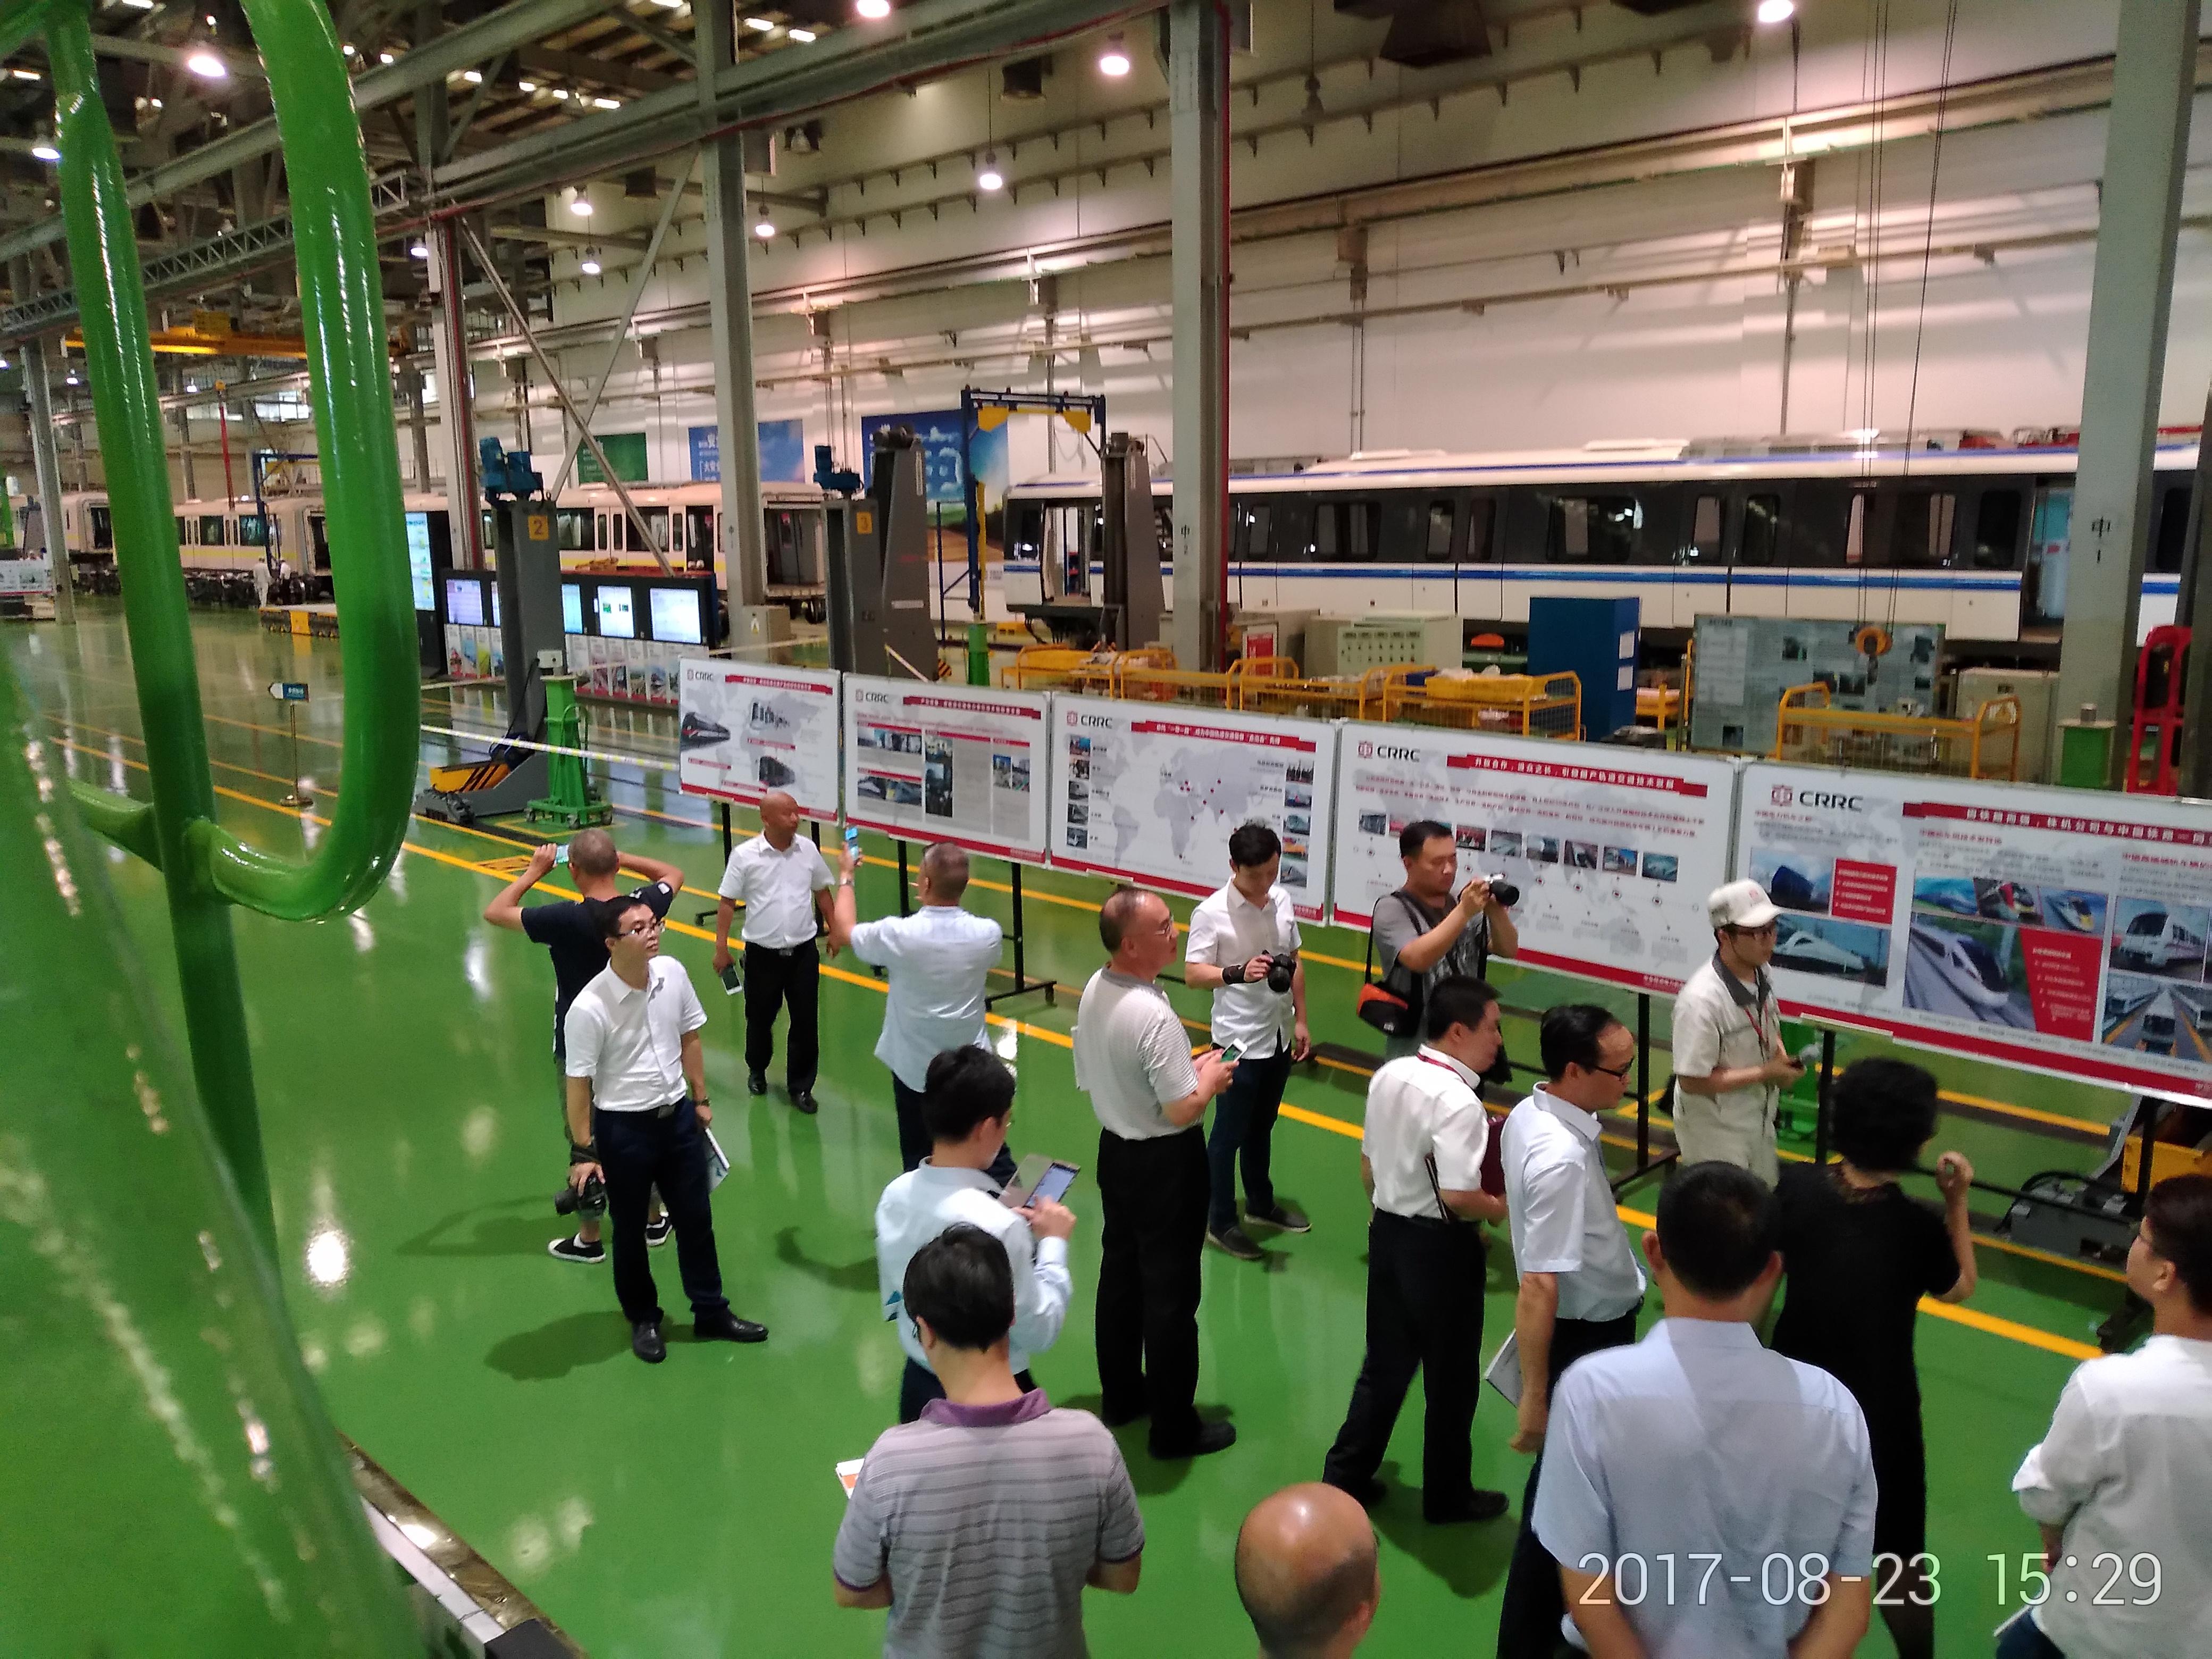 2017年8月,省委统战部组织新阶层人士参观访问株洲制造产业。